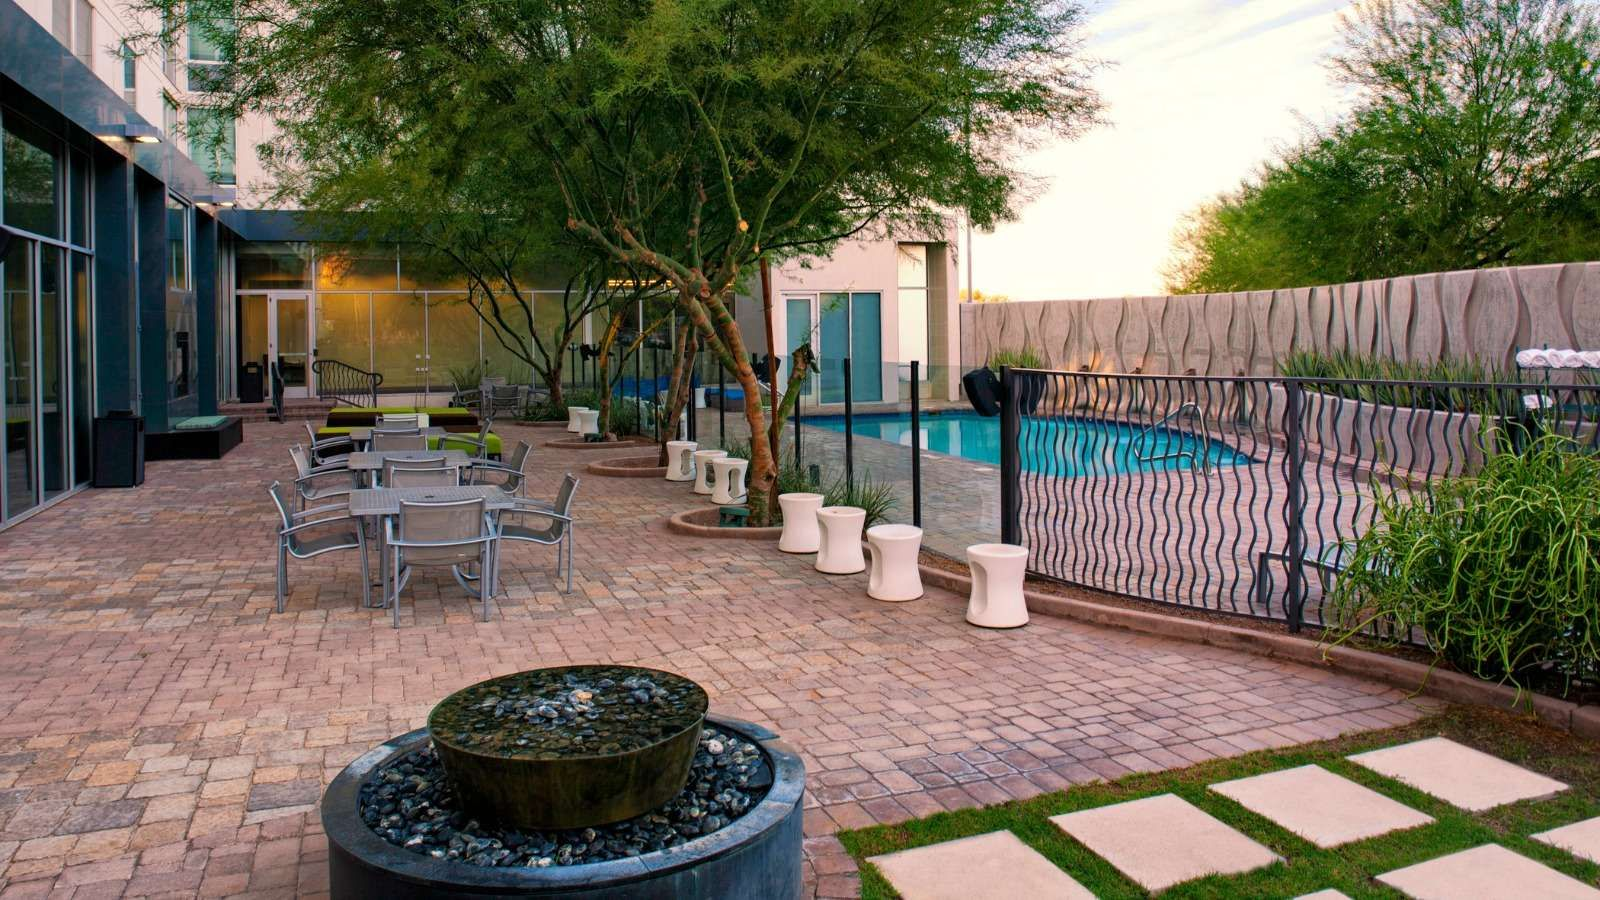 Aloft Tempe Backyard Backyard, Patio, Hotels near